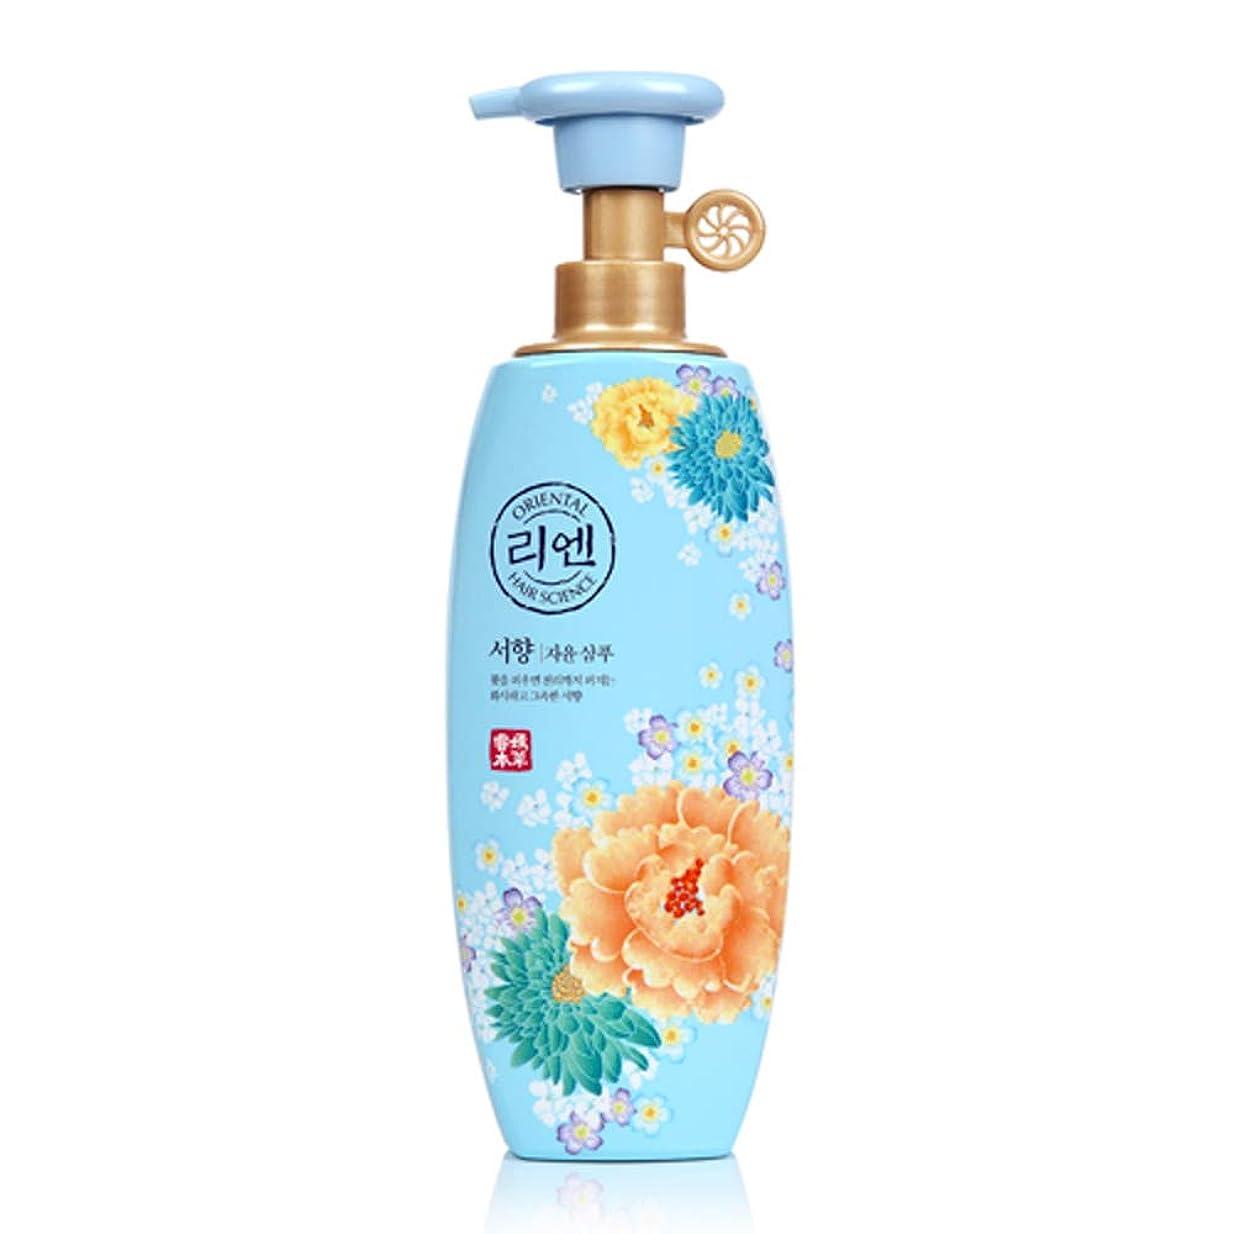 運命提供喜ぶ[ReEn] リエン シャンプー 沈丁花(チンチョウゲ)の香り 950ml (Botanic Seohyang Shampoo 950ml)